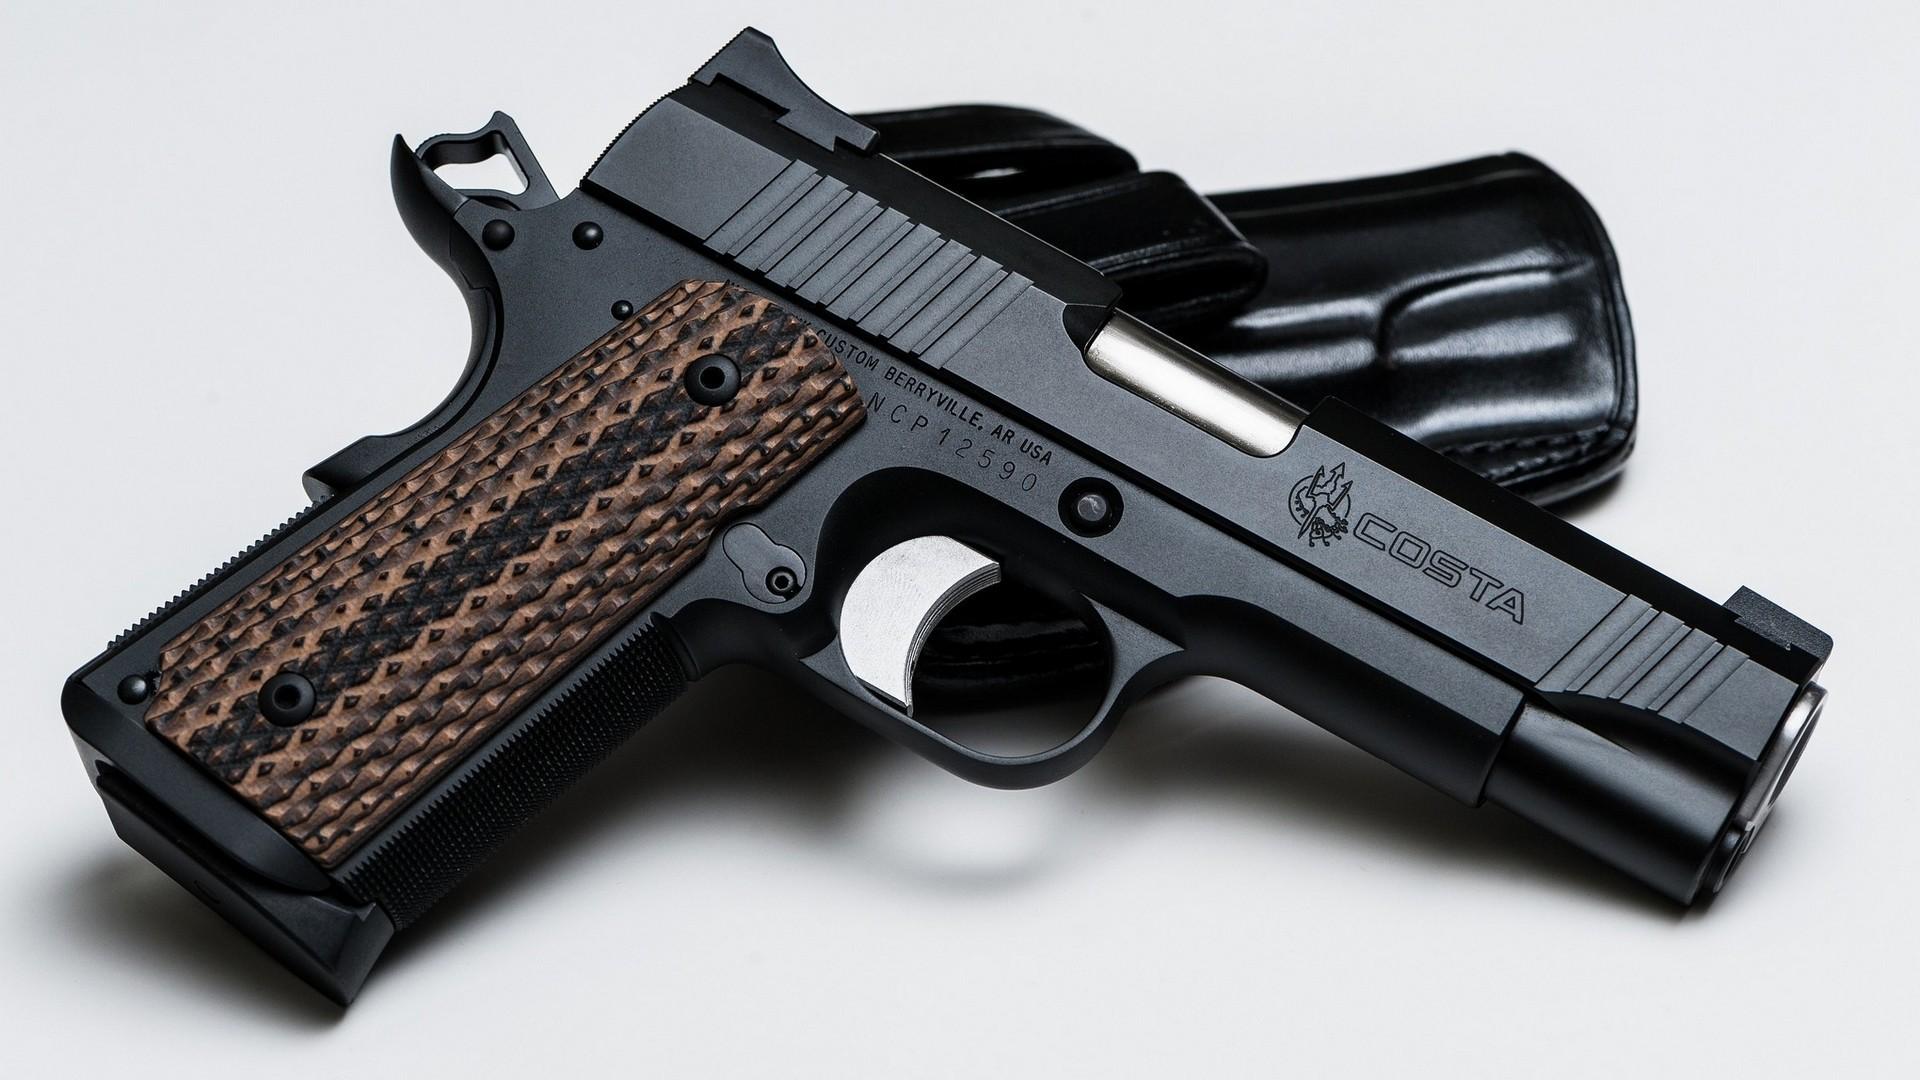 M1911 pistol wallpaper Wallpaper Wide HD 1920x1080